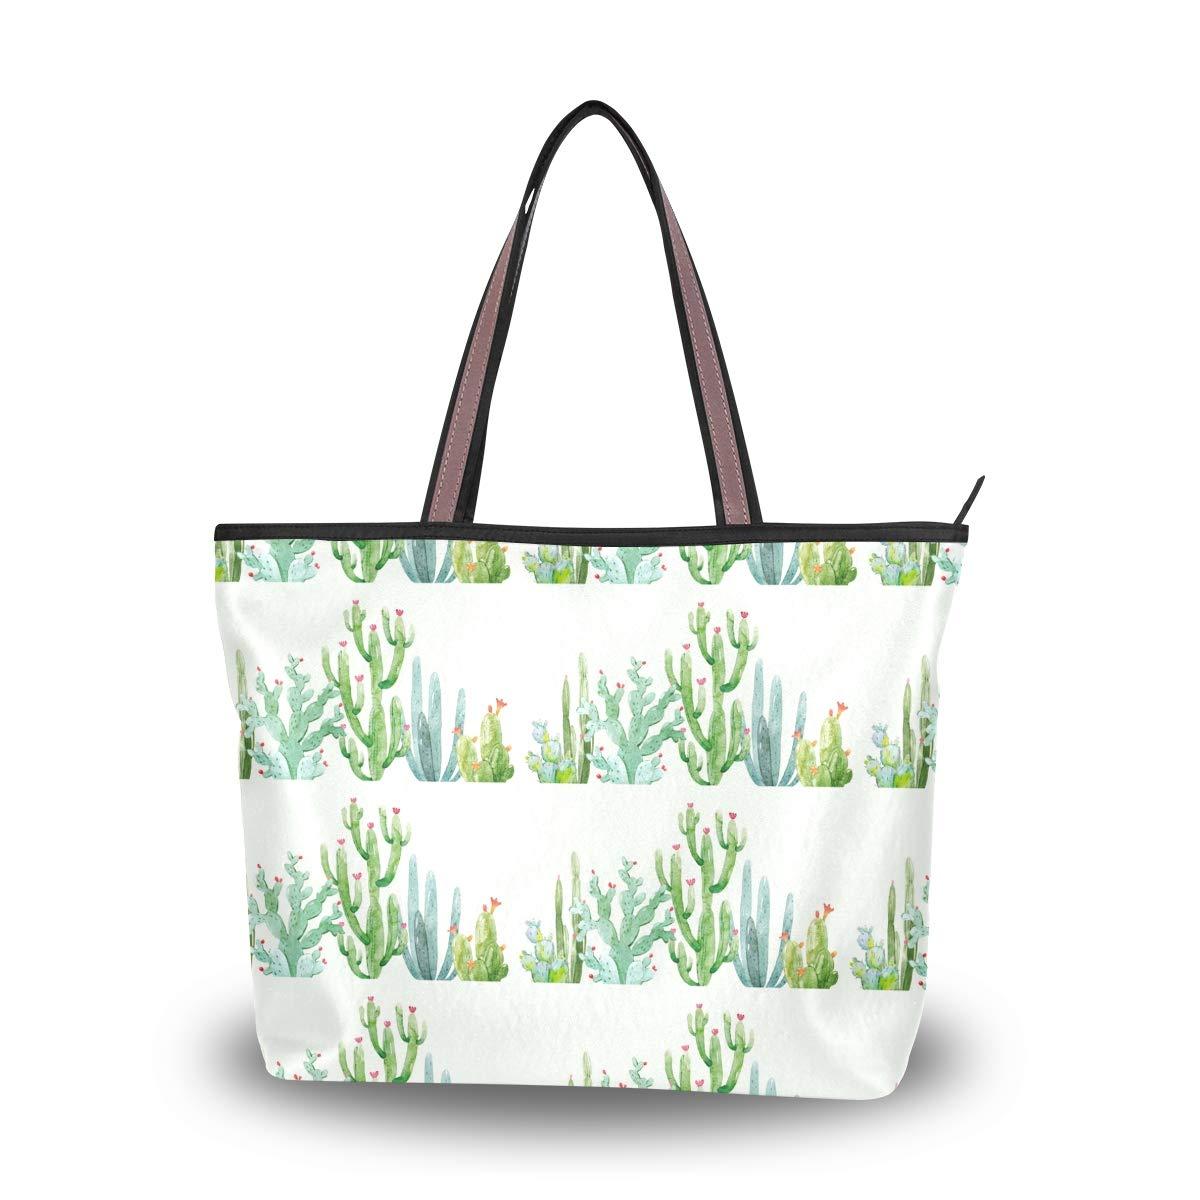 Women Handle Watercolor Cactus Composition Satchel Handbags Tote Purse Shoulder Bag Big Capacity Handbag